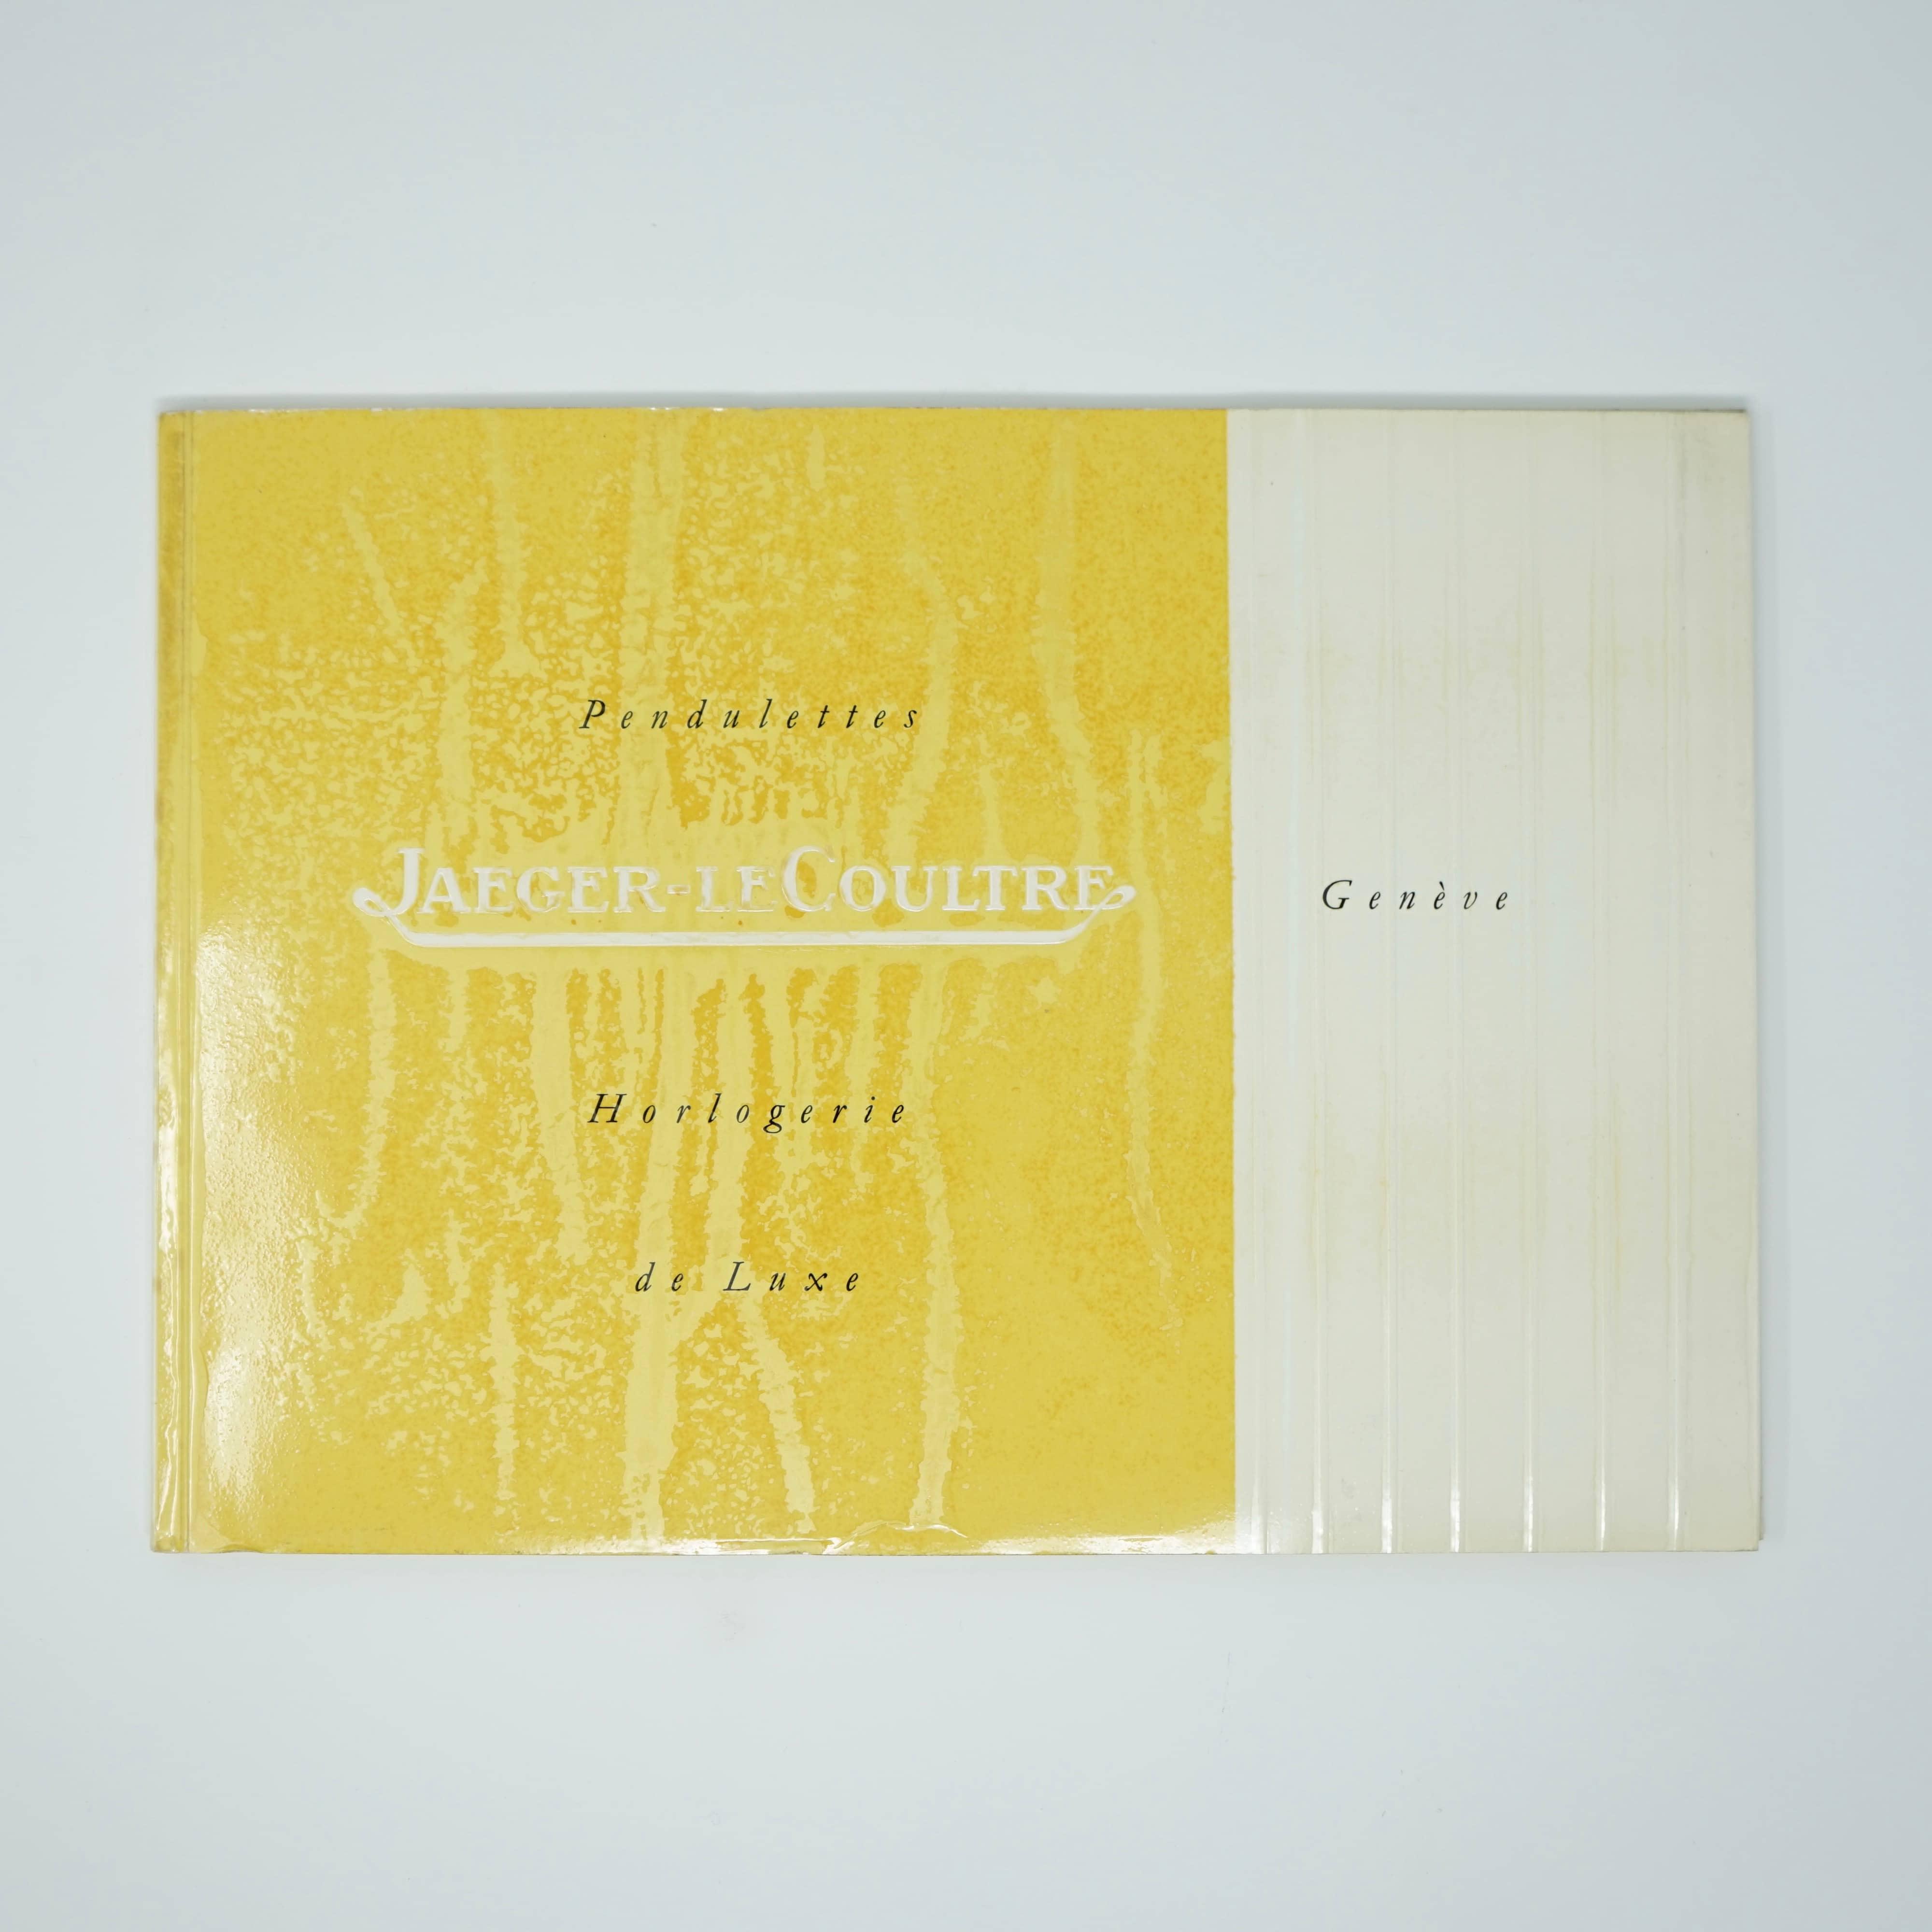 Catalogue de Pendulettes Jaeger-Lecoultre